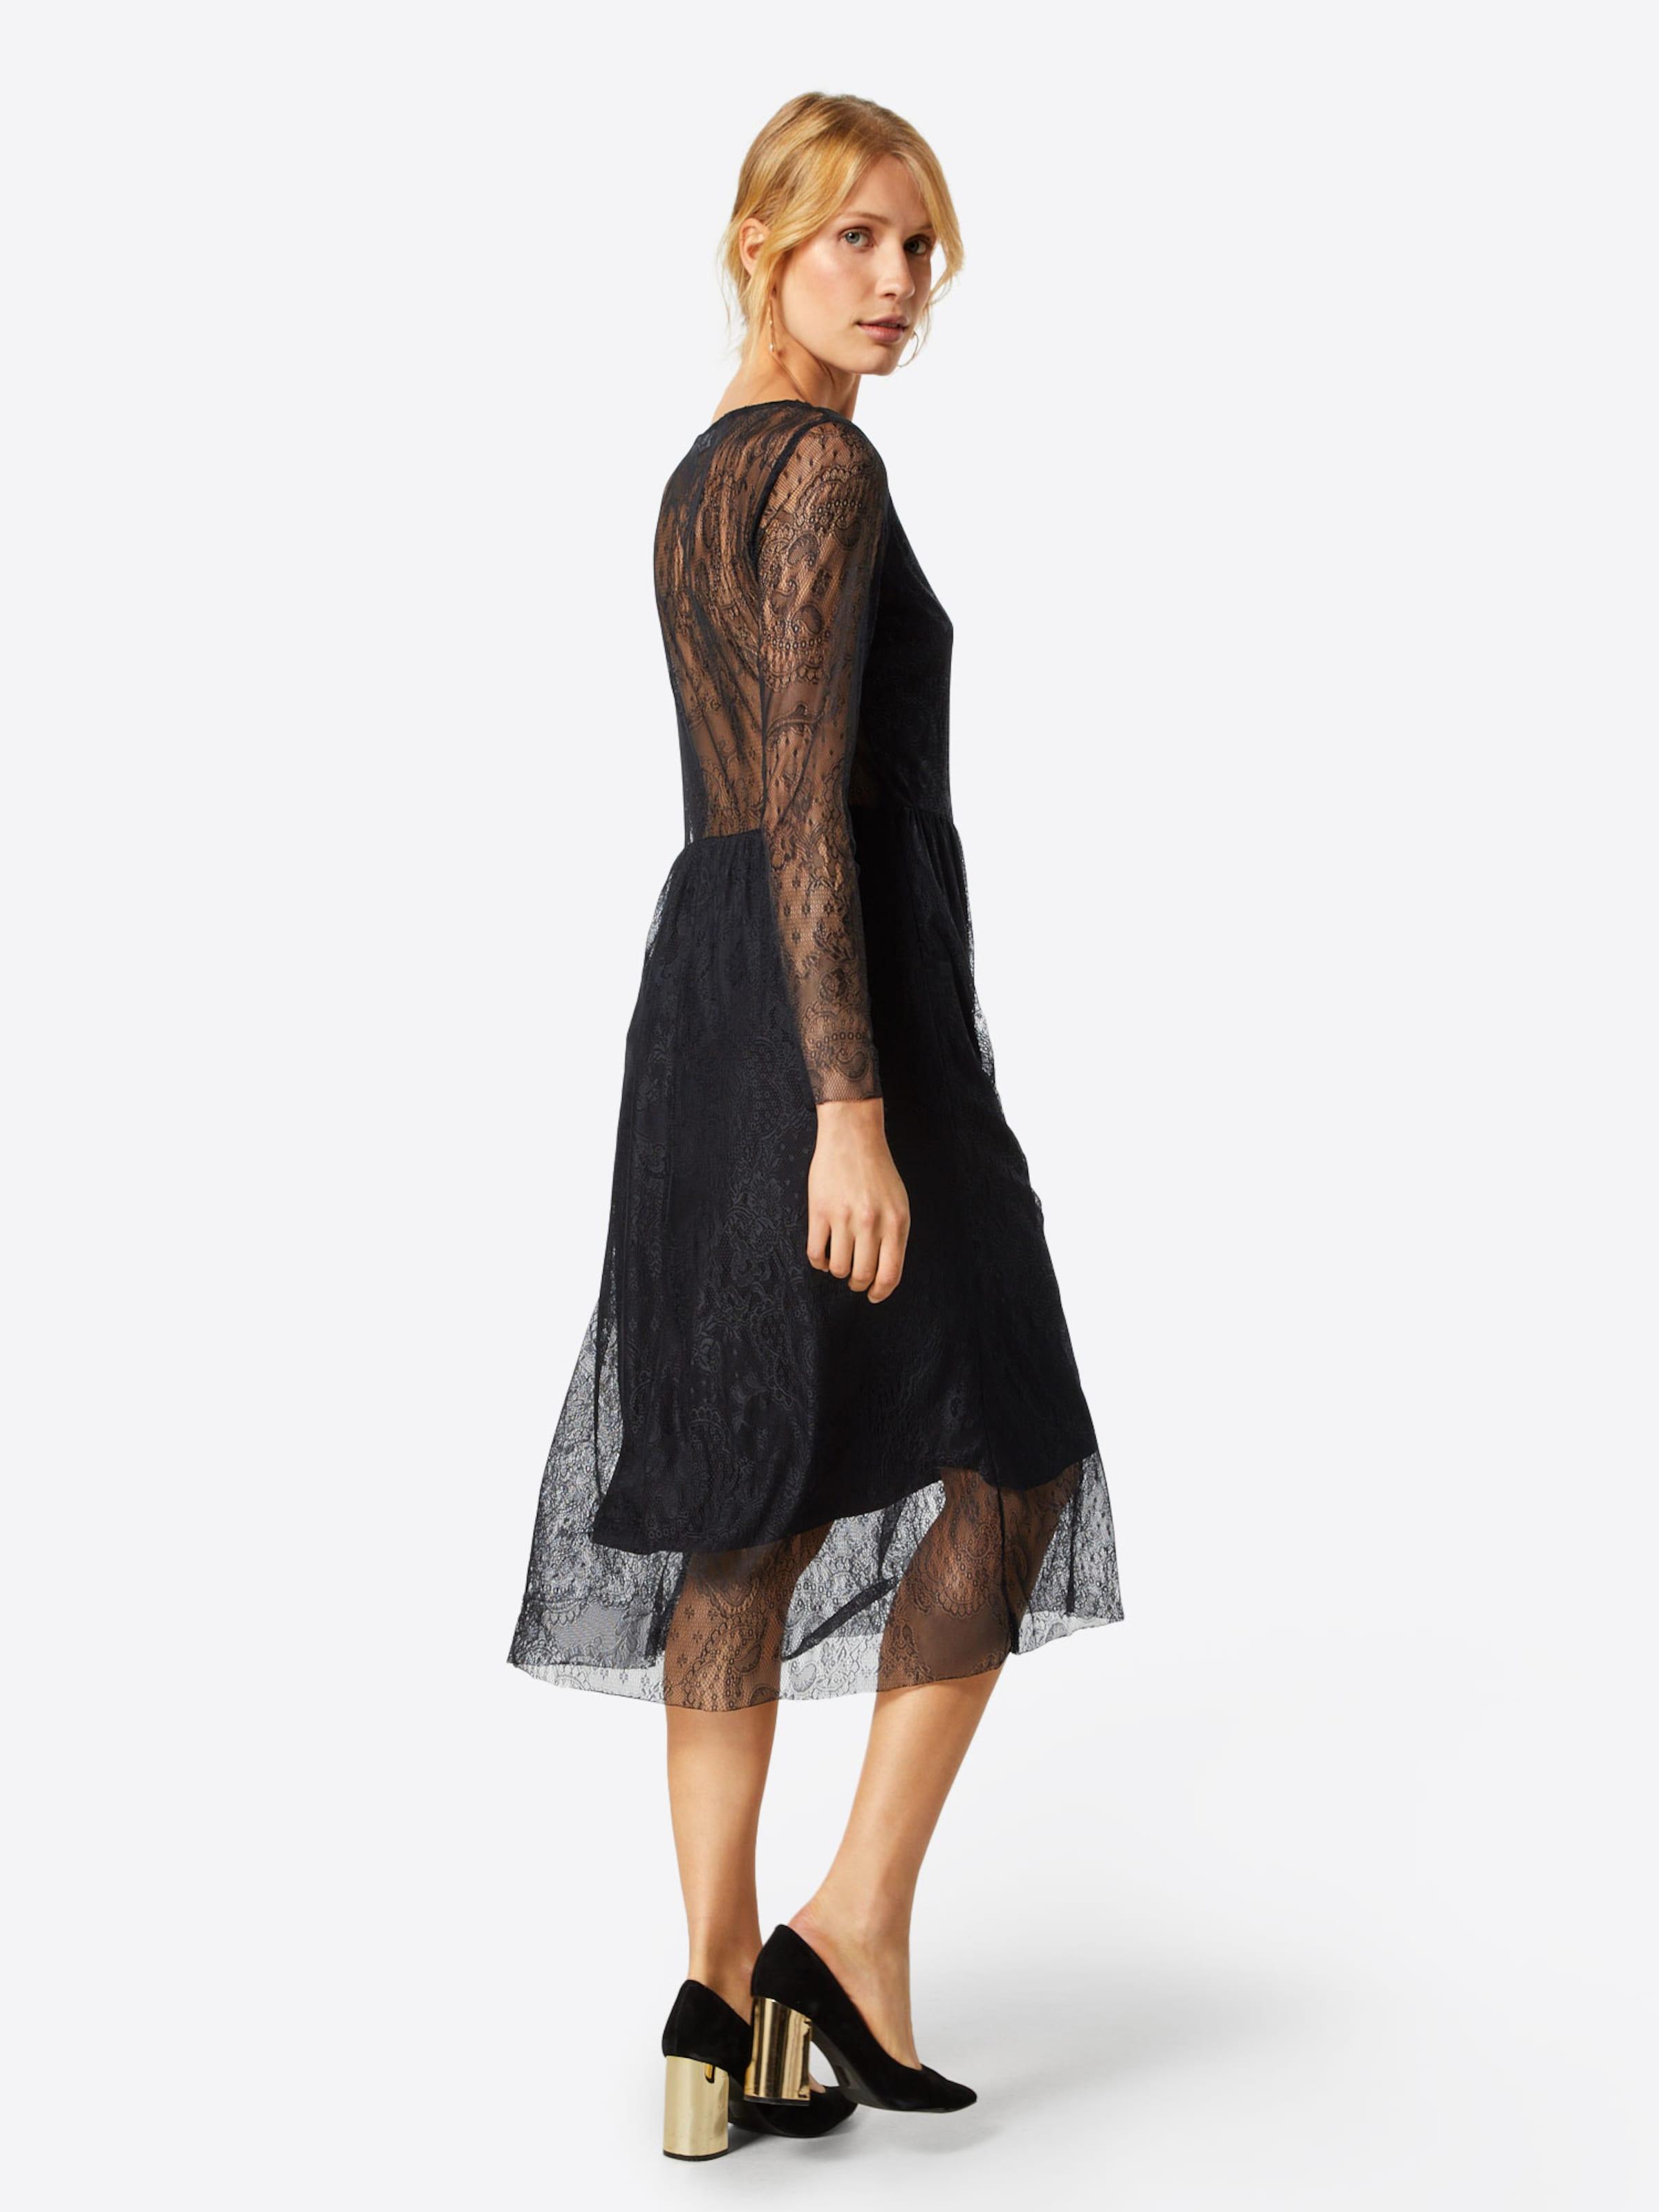 Noir 'alanna' 'alanna' Minimum Minimum Robe Robe En En NnXPwOk80Z